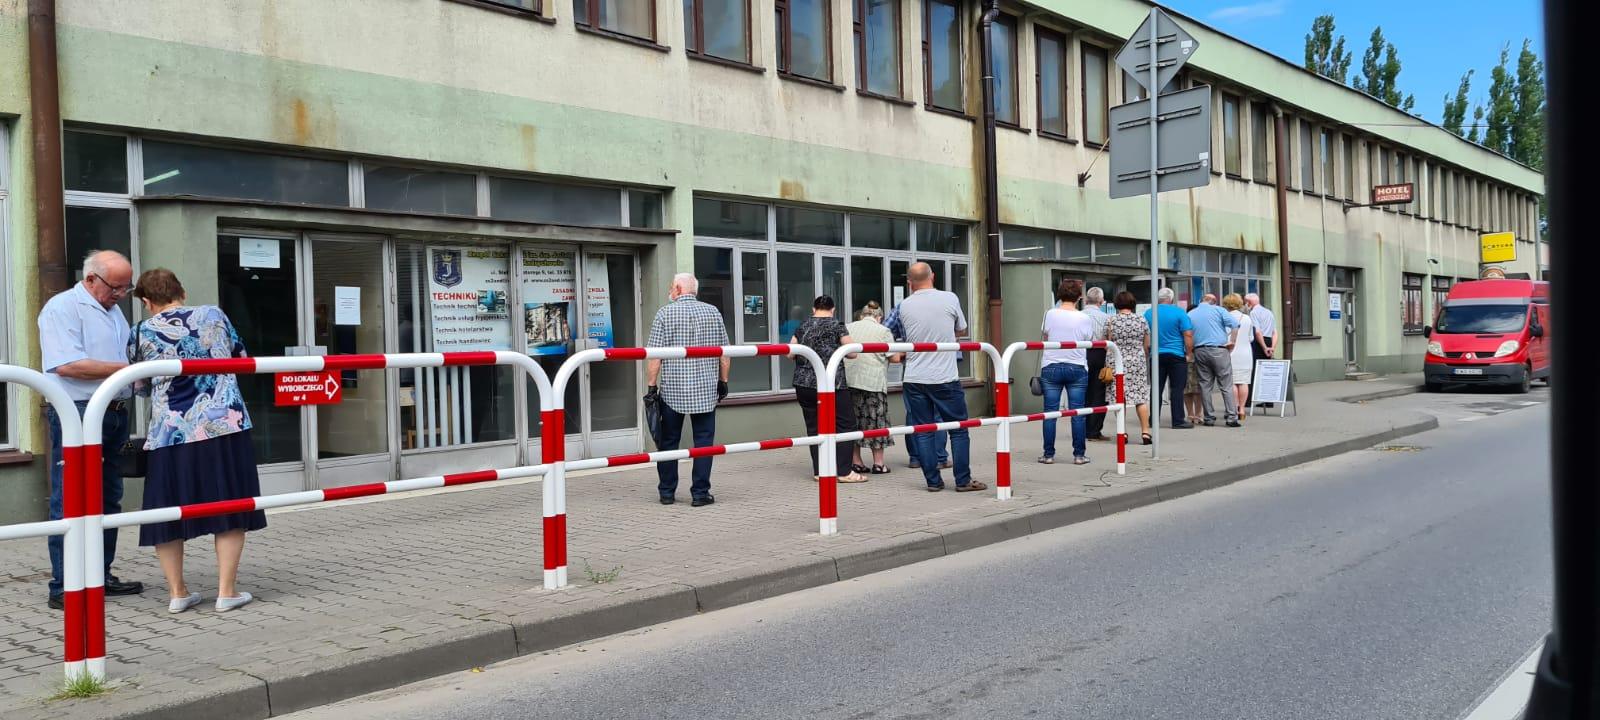 Trwają wybory prezydenckie, kolejki przed niektórymi lokalami